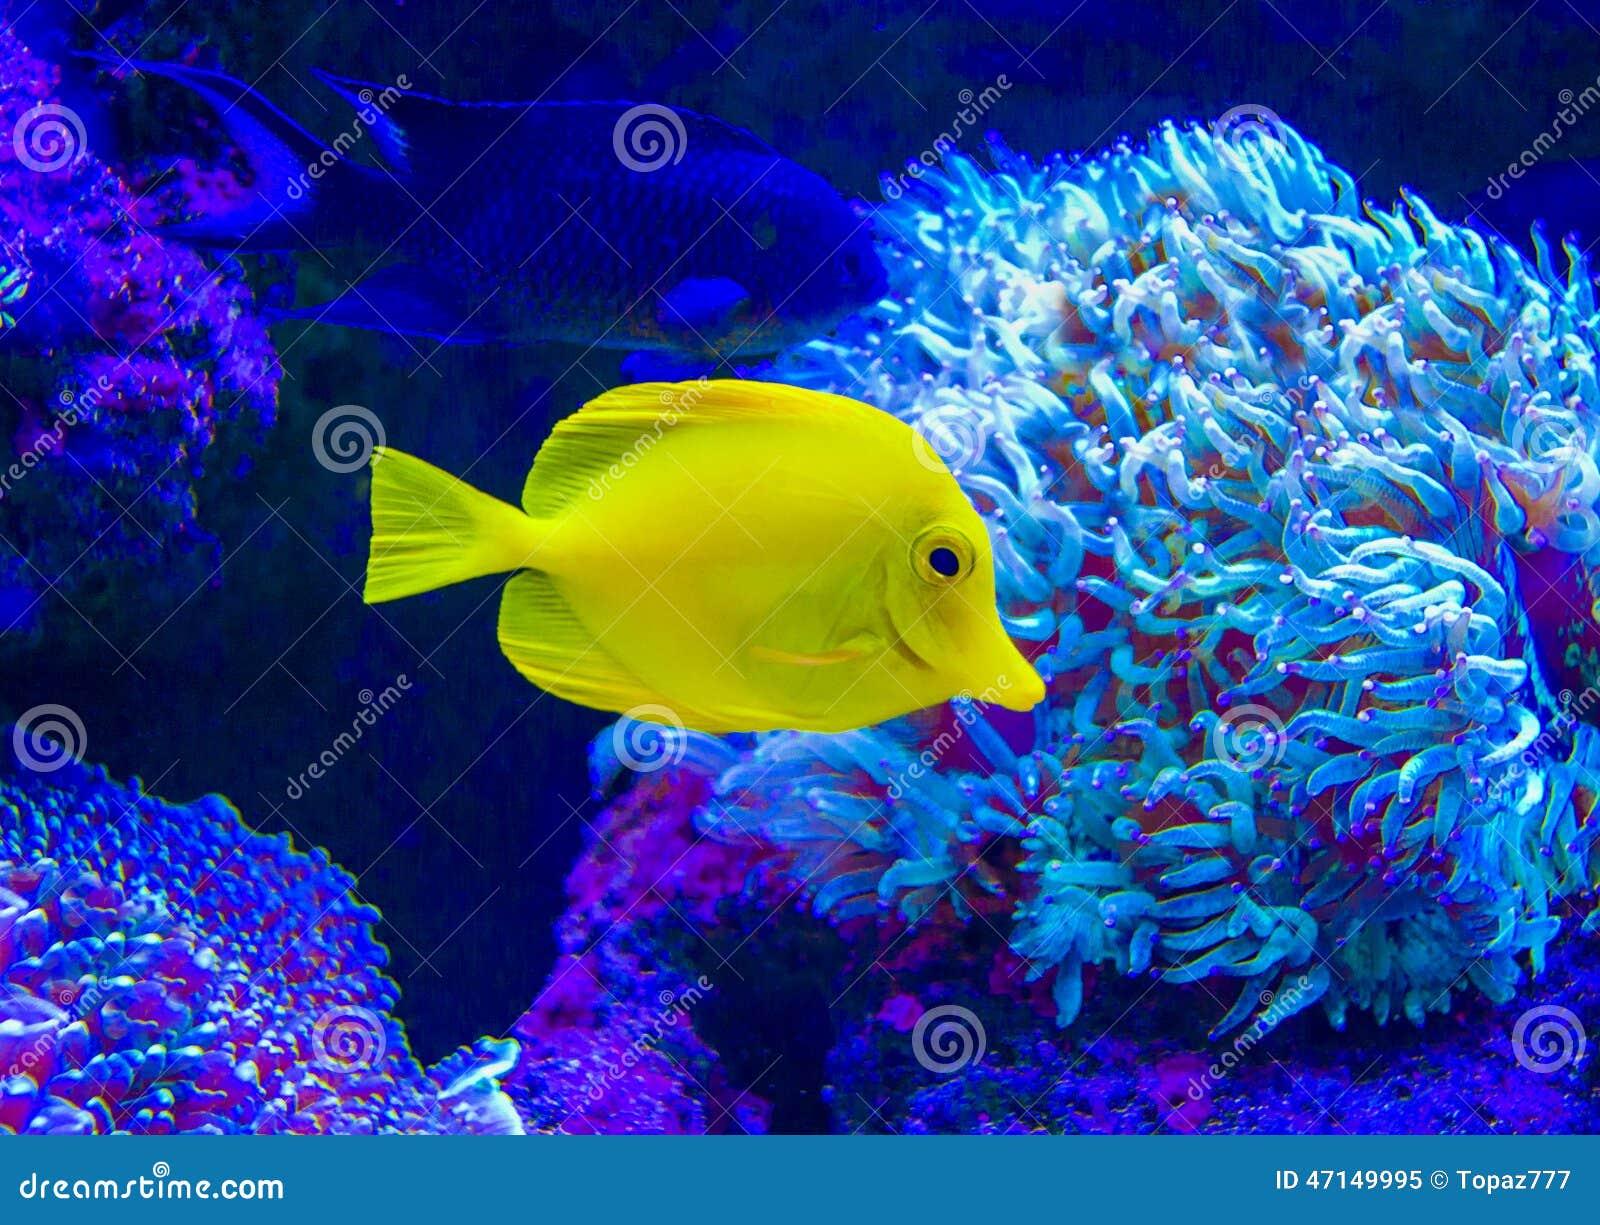 Marine fish in the aquarium stock photo cartoondealer for Marine aquarium fish